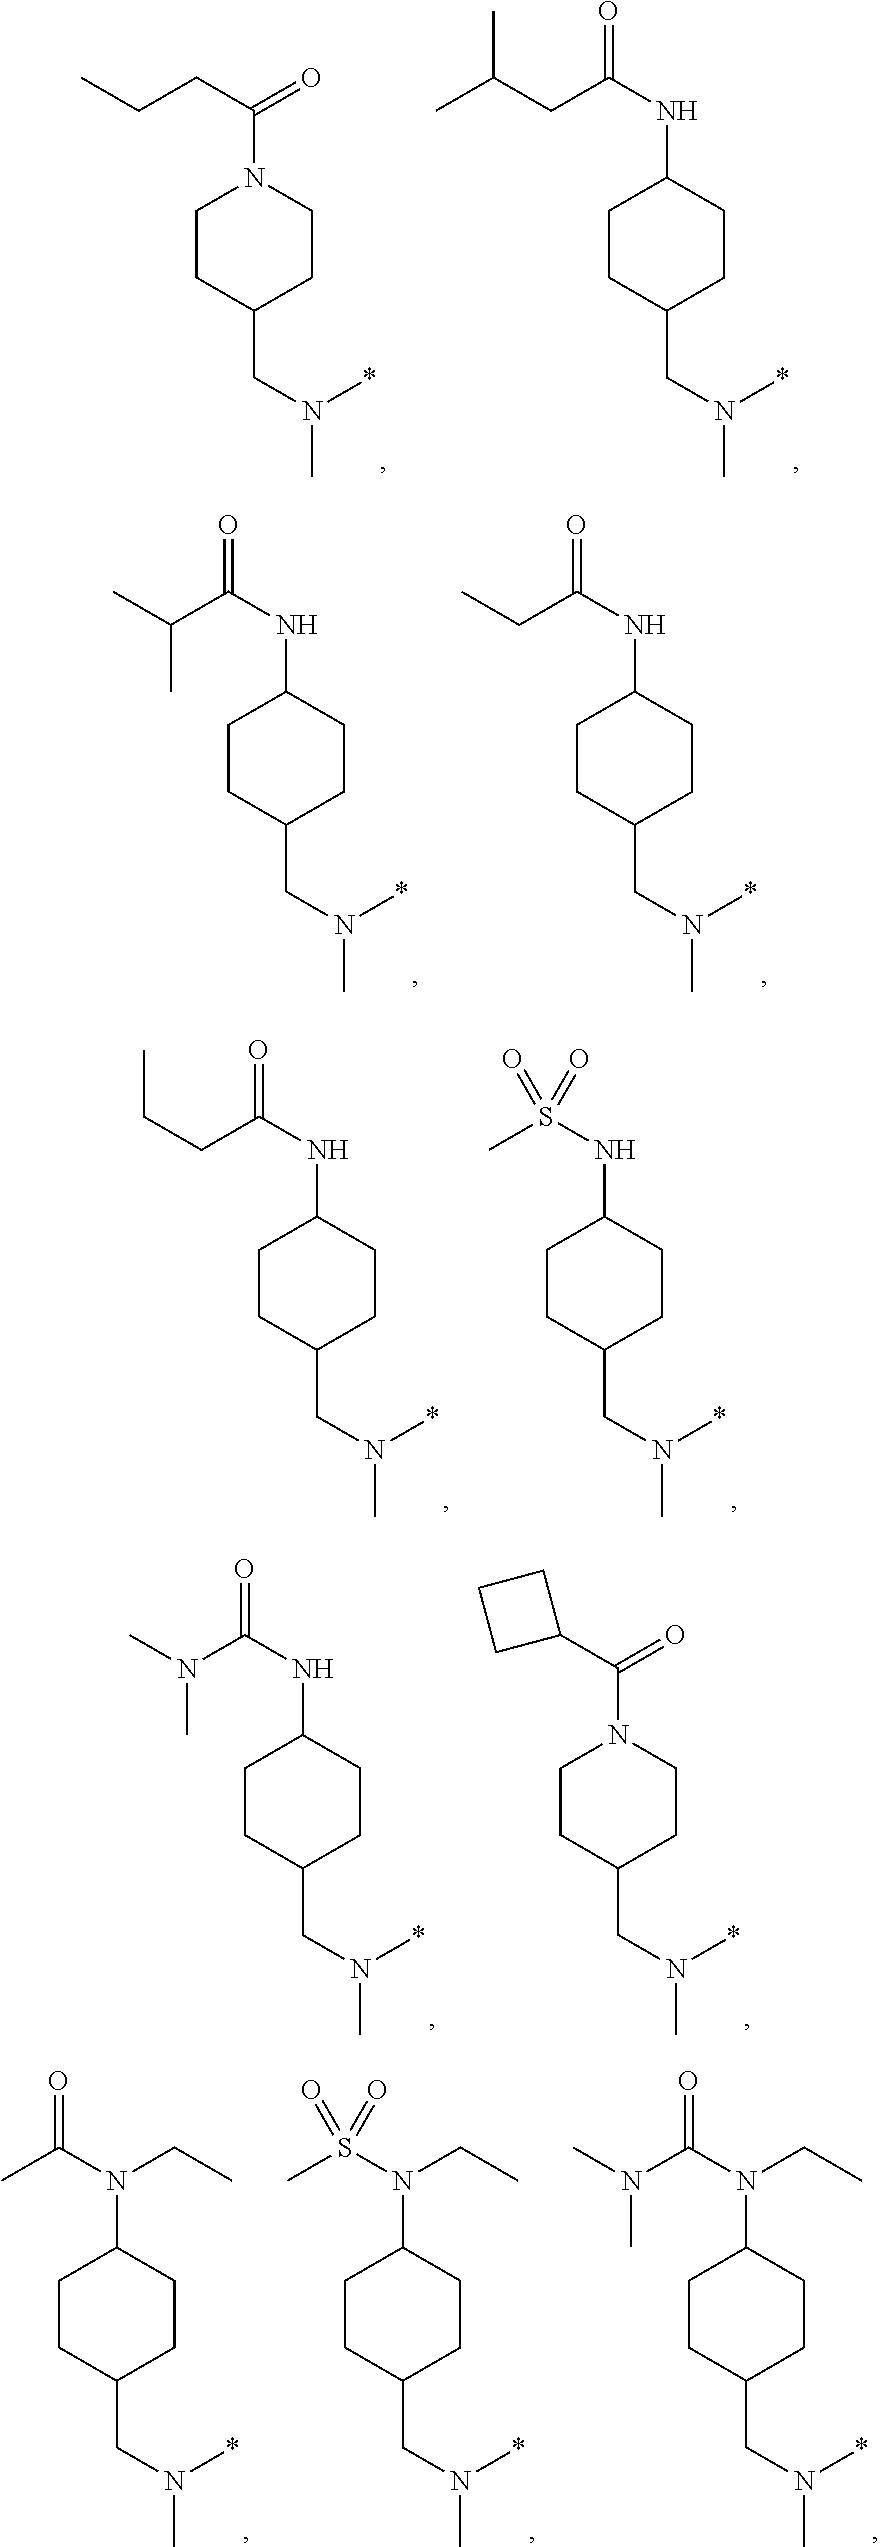 Figure US08440693-20130514-C00030